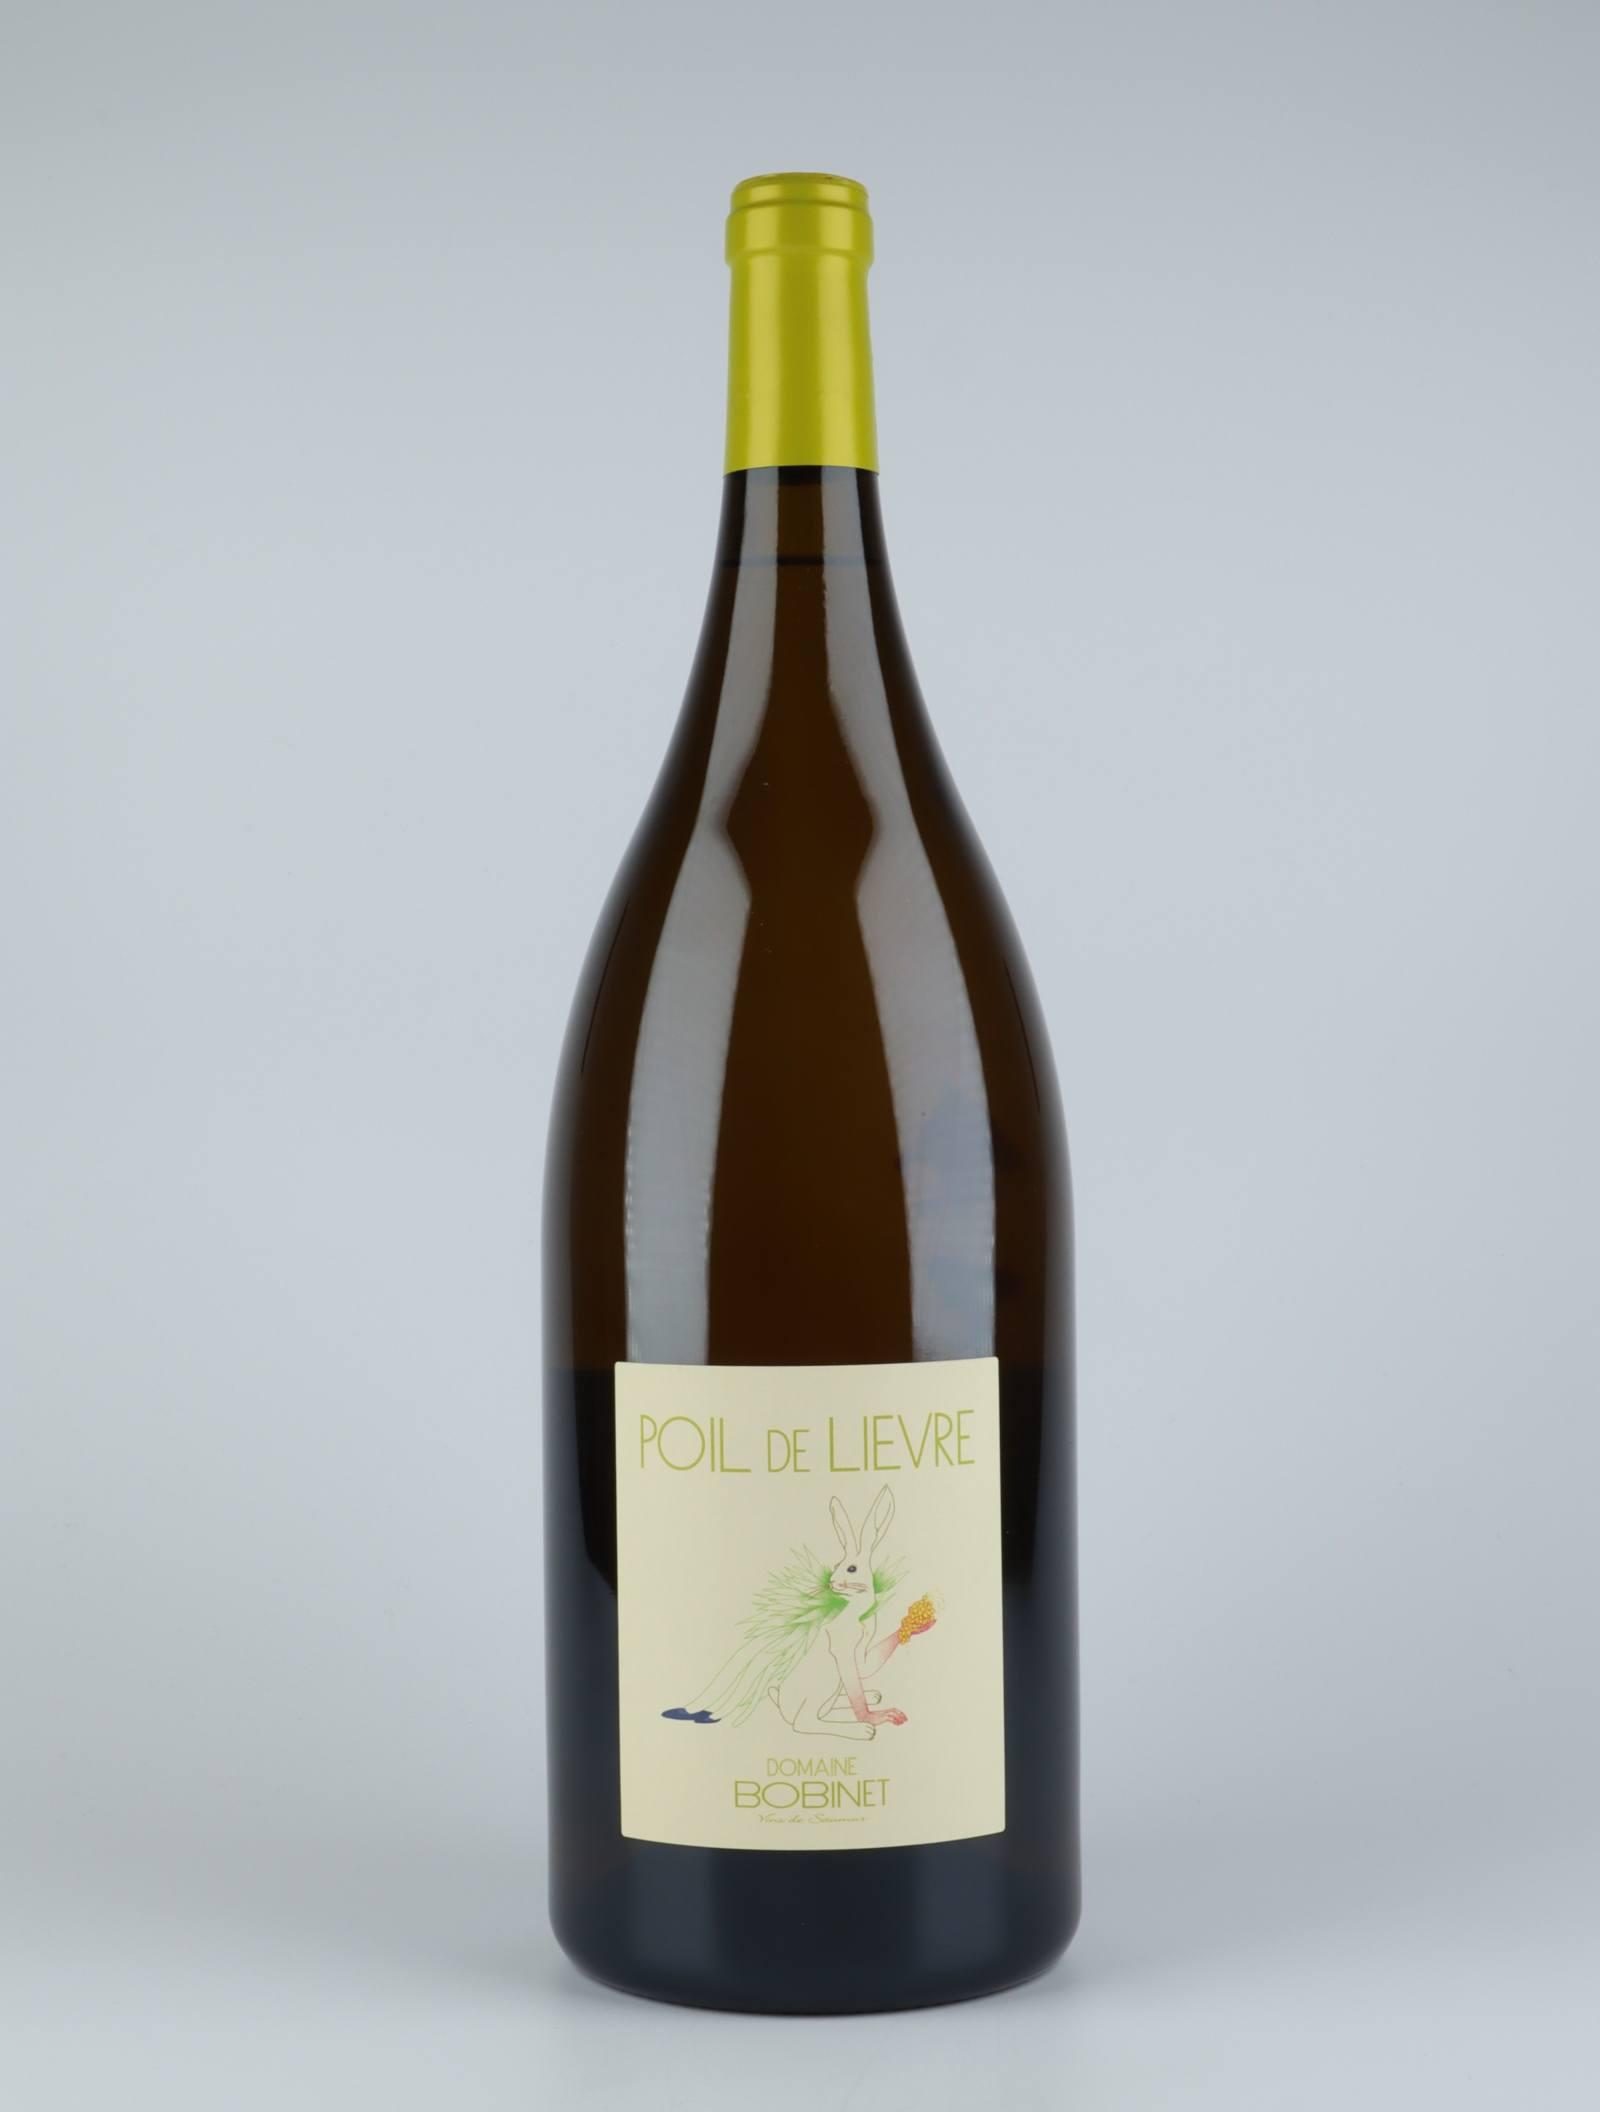 Saumur Blanc - Poil de Lievre